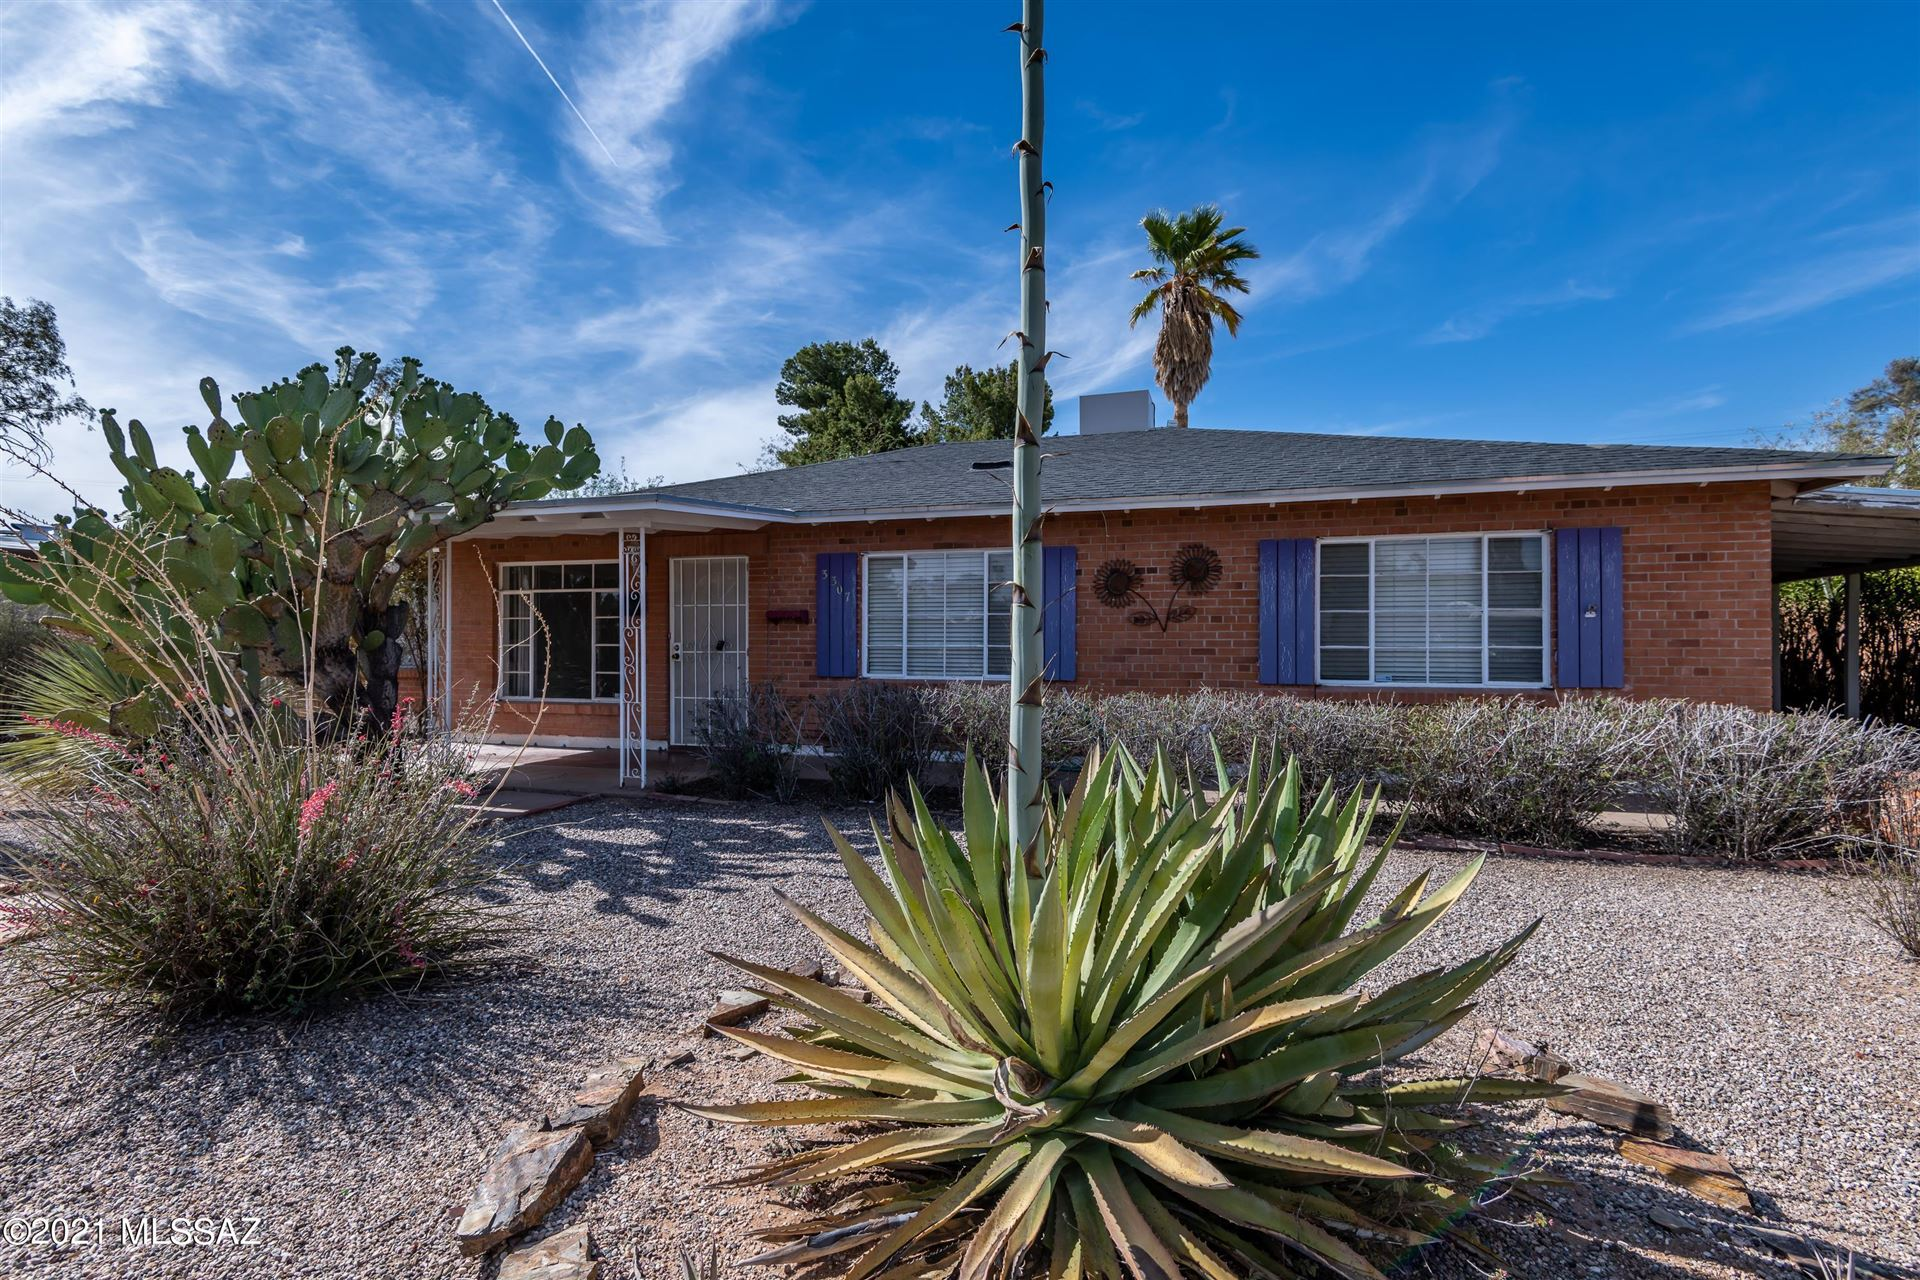 3307 E Linden Street, Tucson, AZ 85716 - MLS#: 22114759